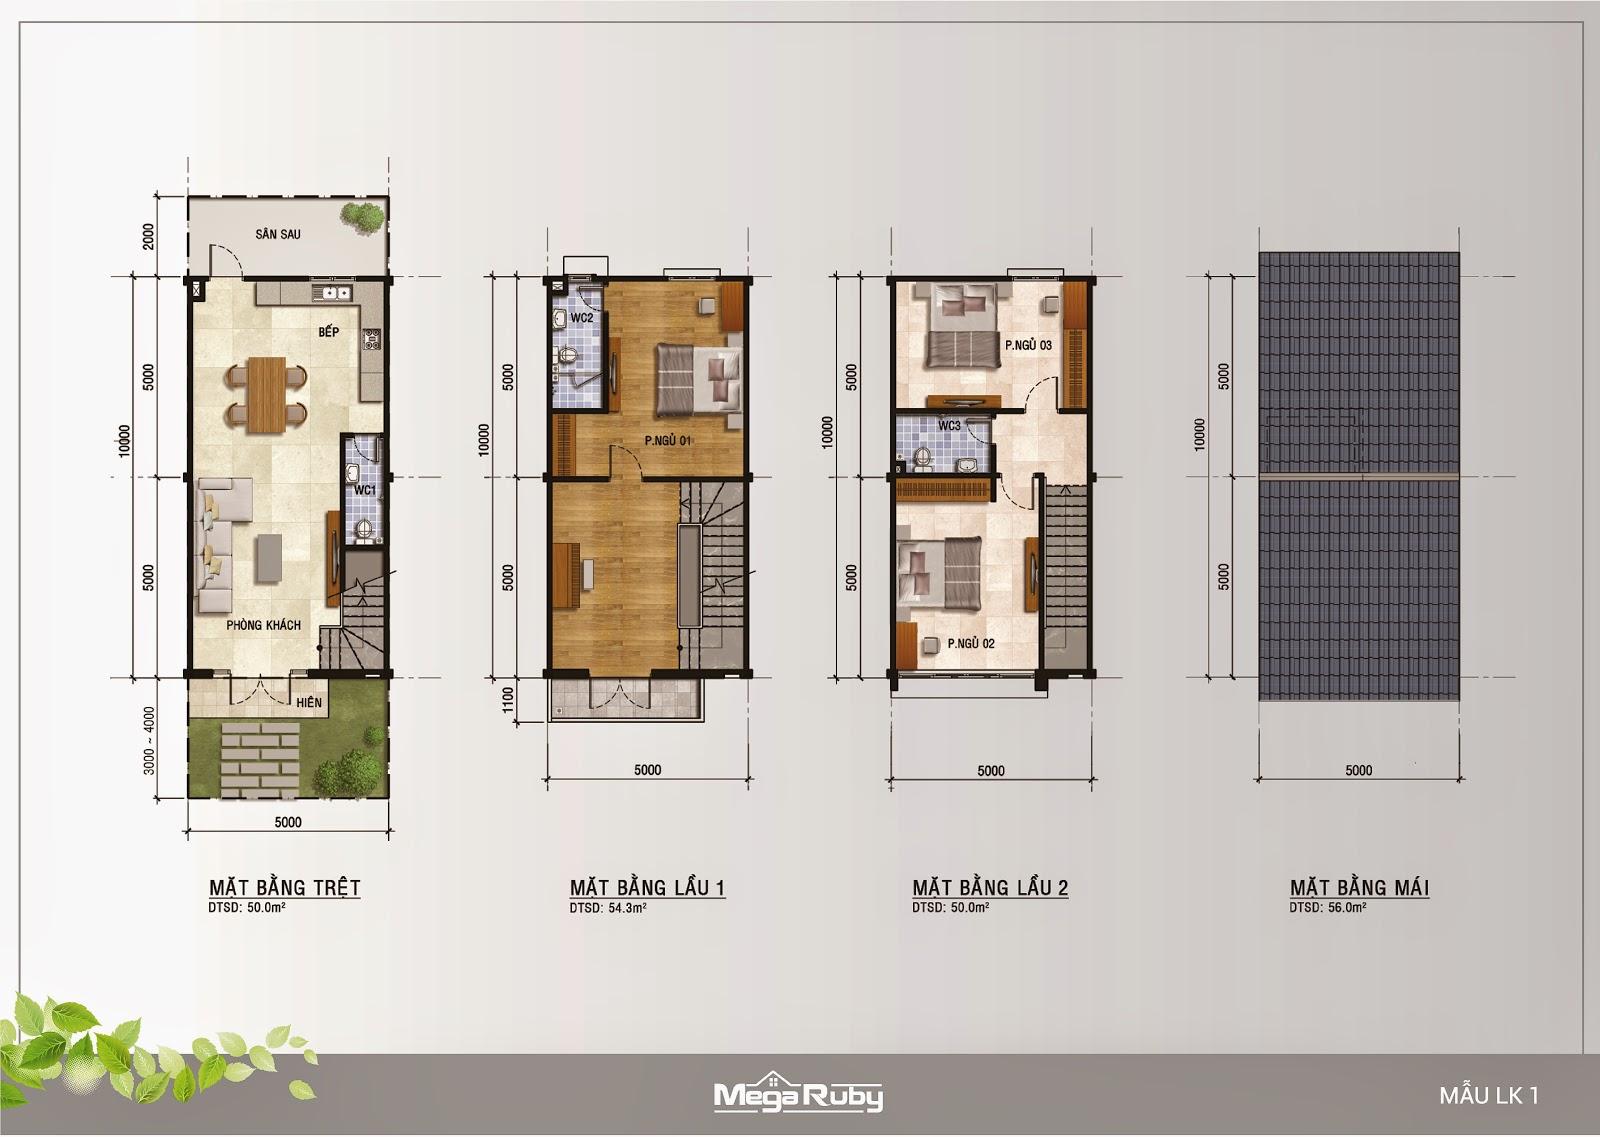 Những mẫu nhà ở dự án Mega Ruby quận 9